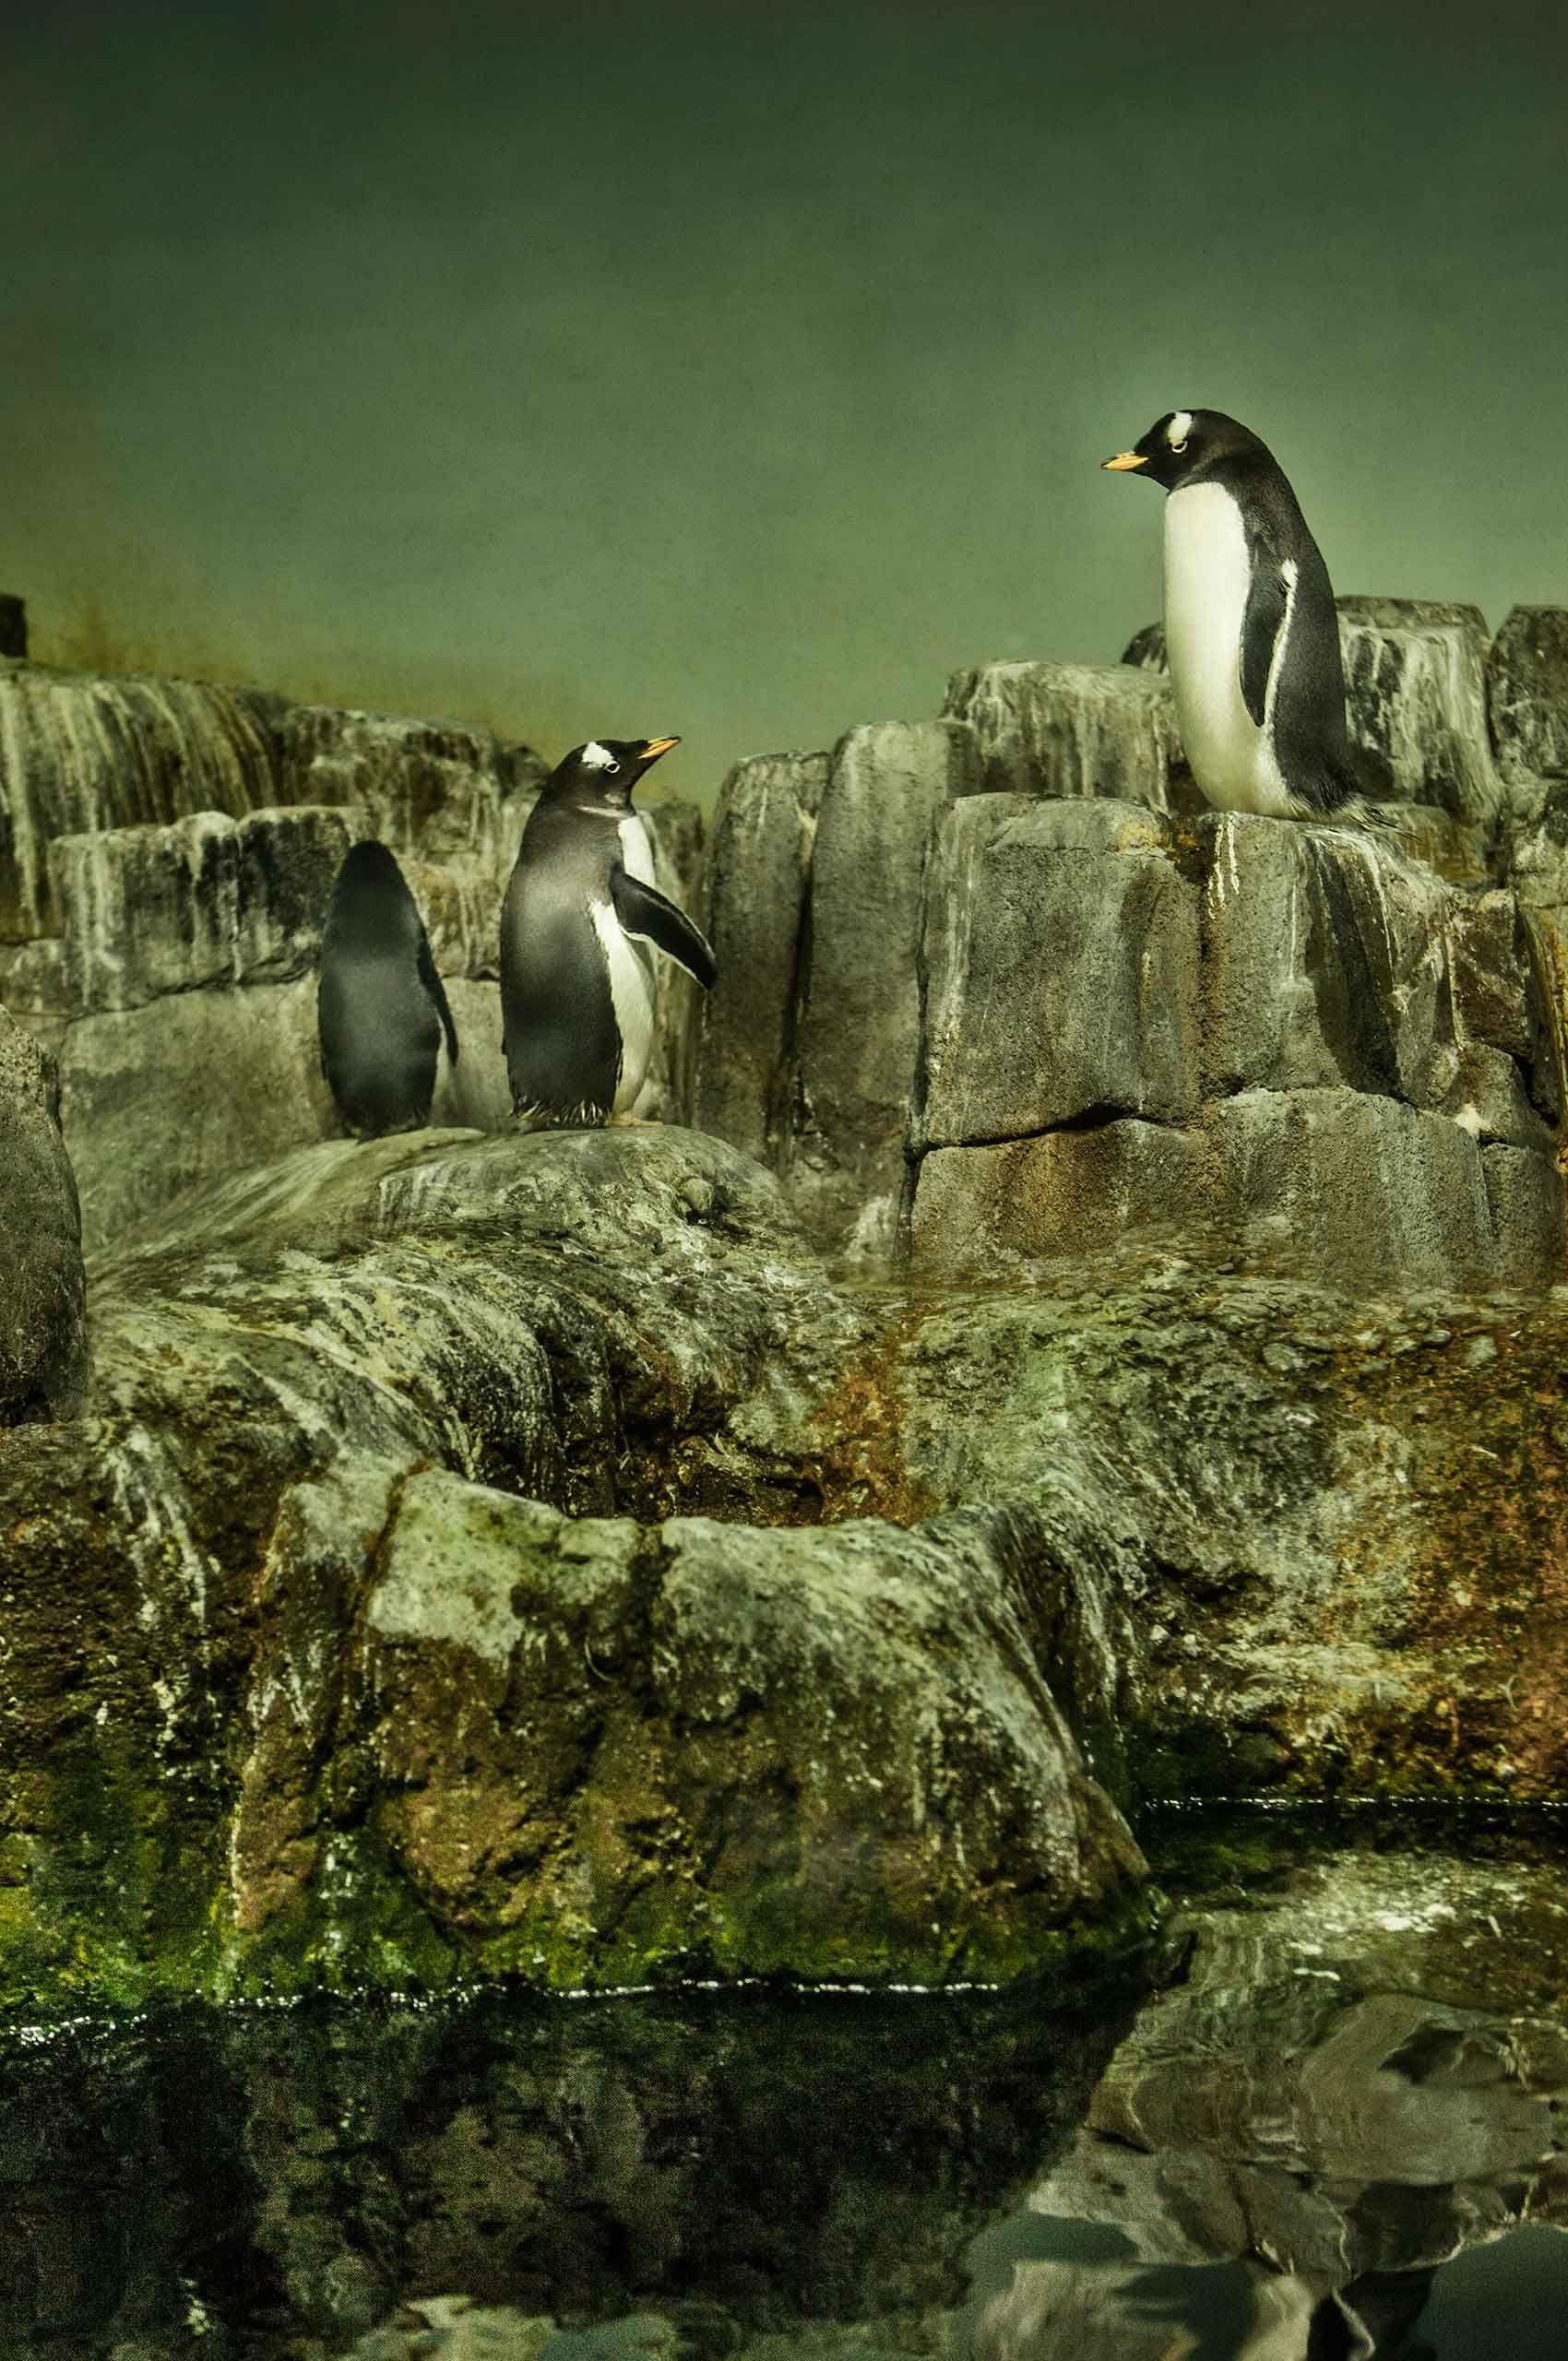 penguins-centralParkZoo-by-HenrikOlundPhotography.jpg